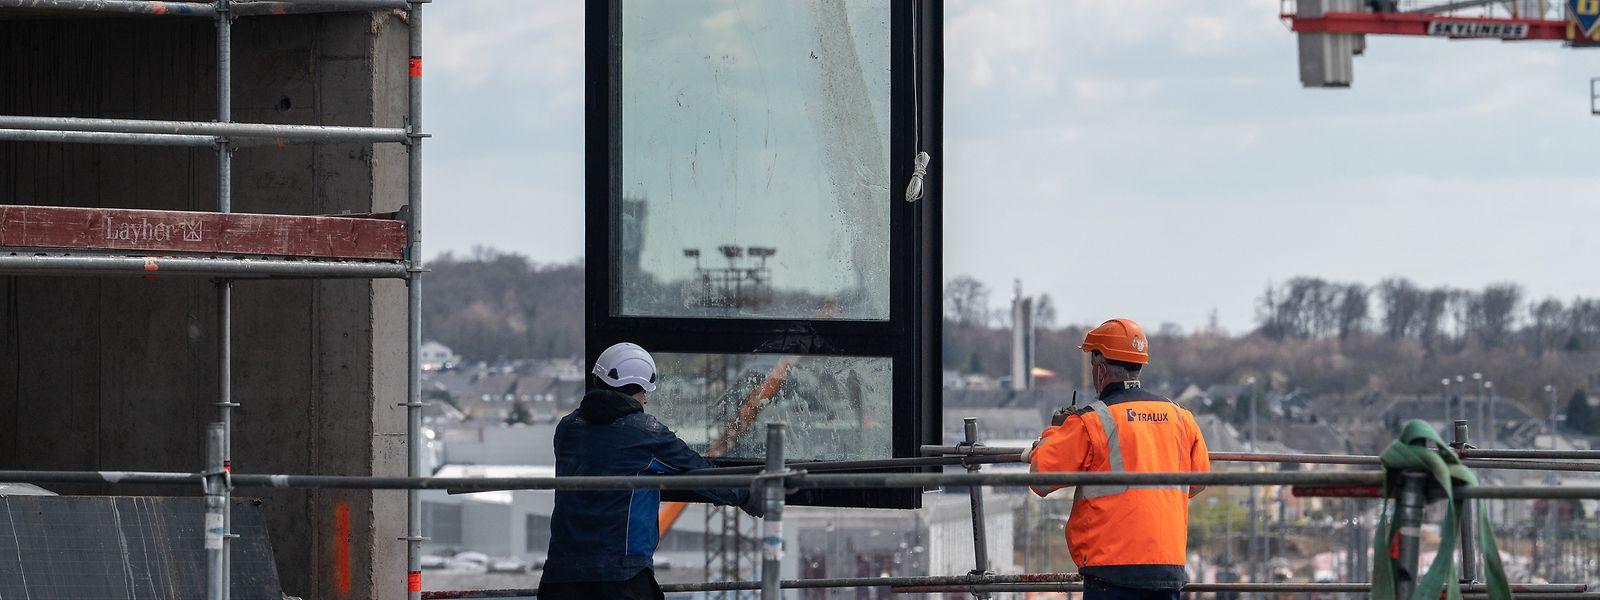 Tous les chantiers, qu'ils soient publics ou privés, sont ou vont être impactés par la pénurie de matériaux qui devrait durer encore plusieurs mois, selon la Chambre des métiers.